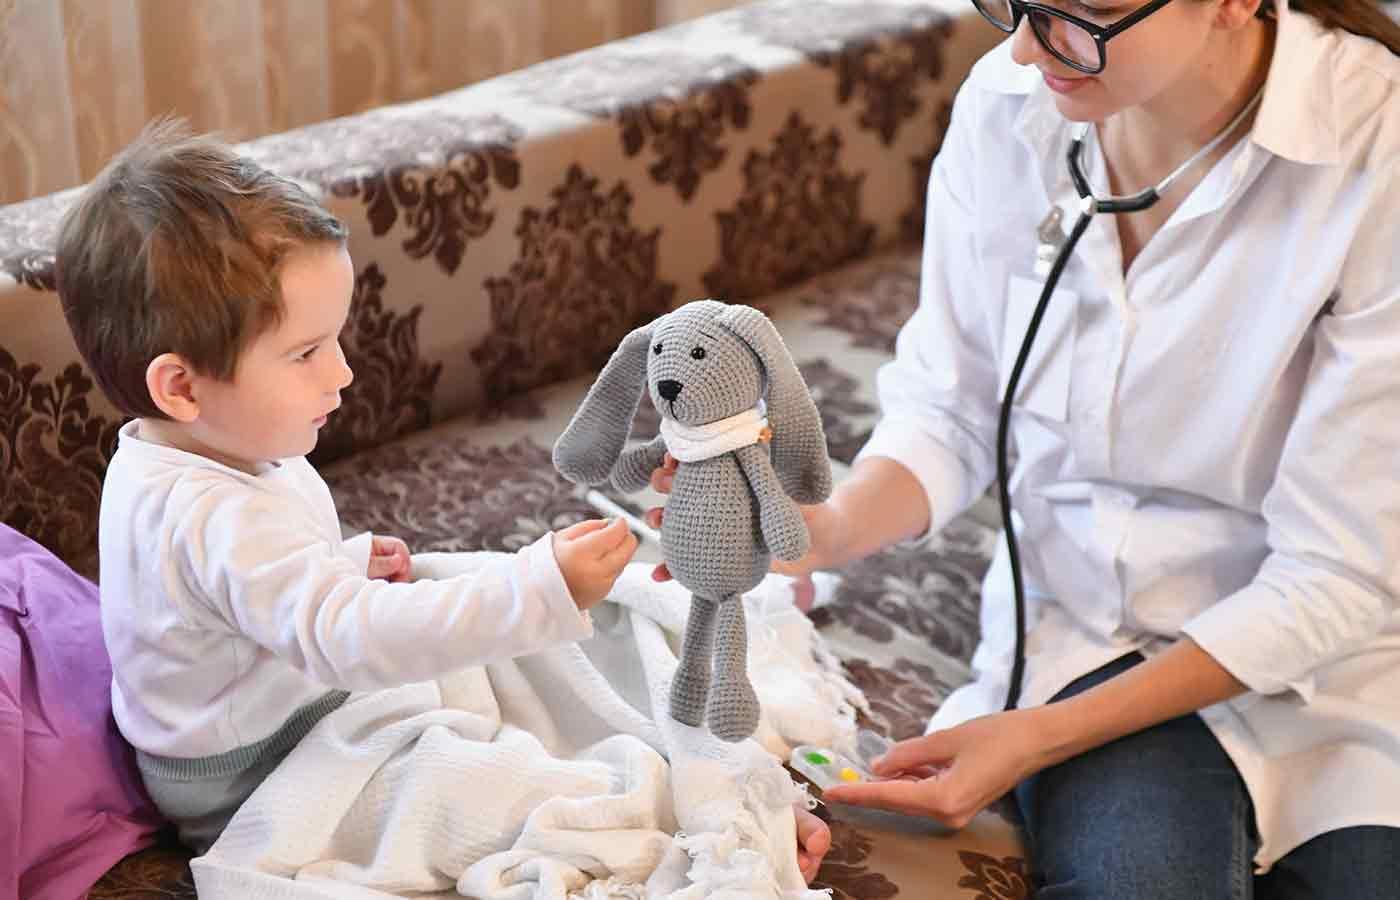 Consecuencias de dar Aspirina a los niños